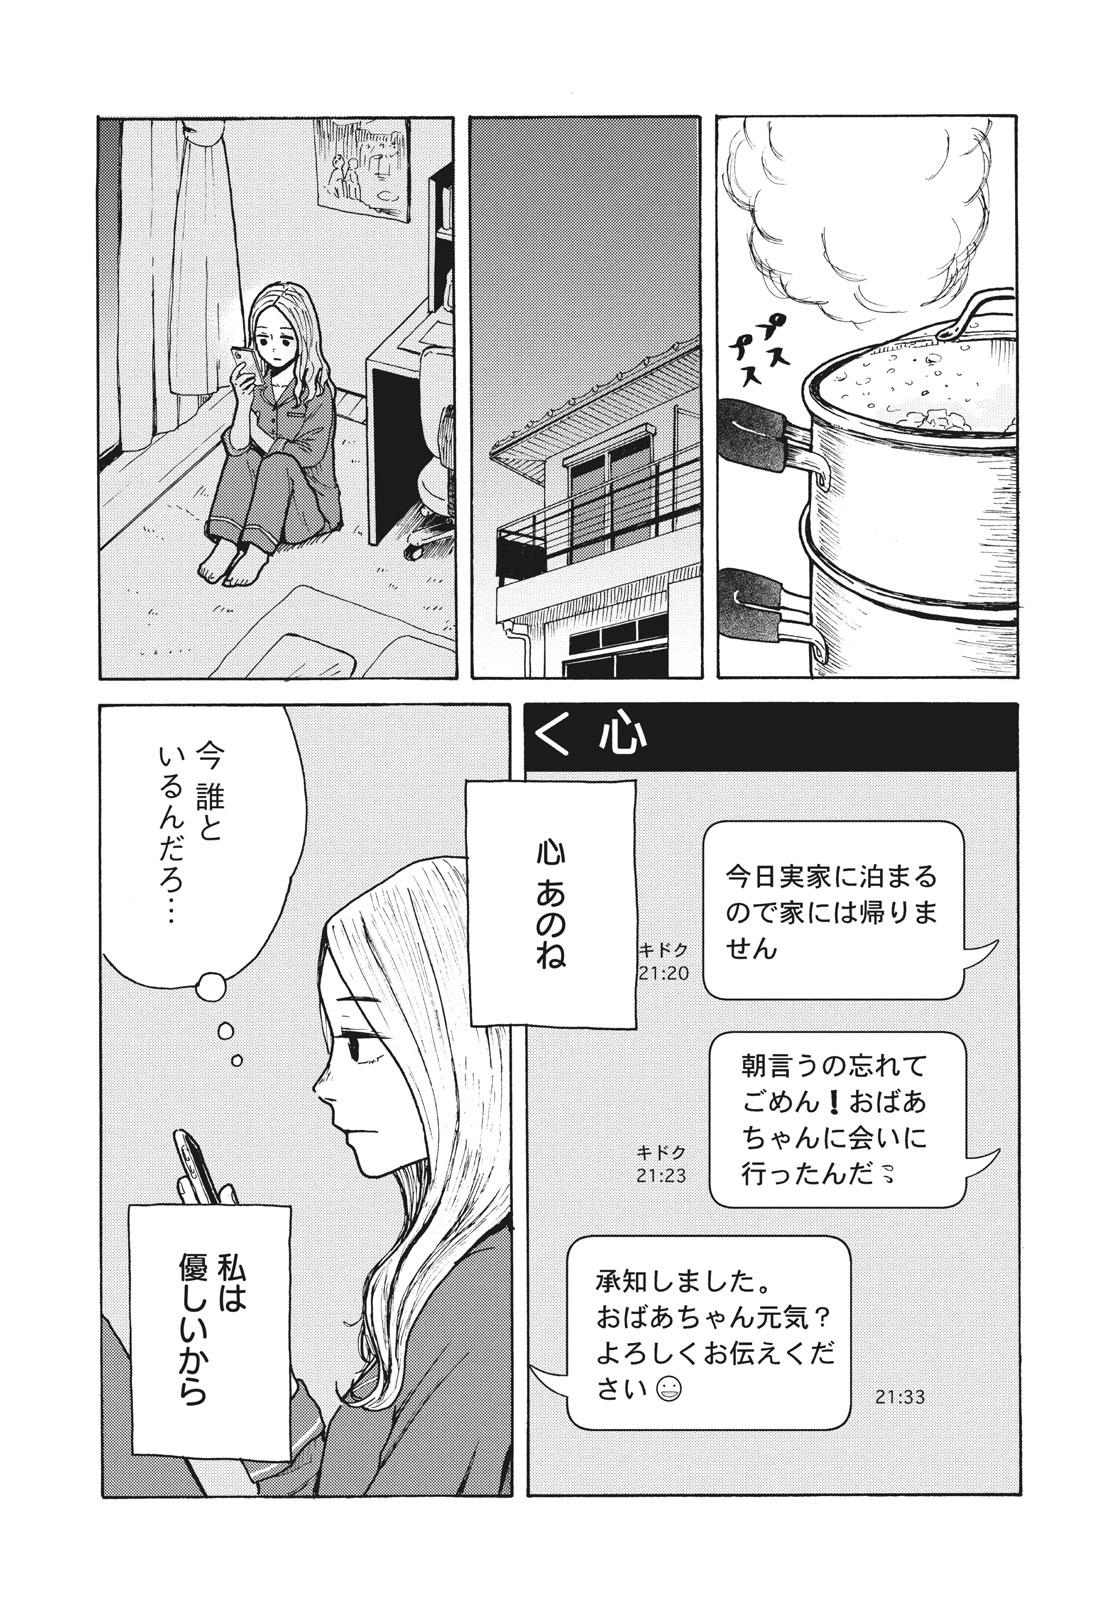 011_30譌・_2019_004_E.jpg